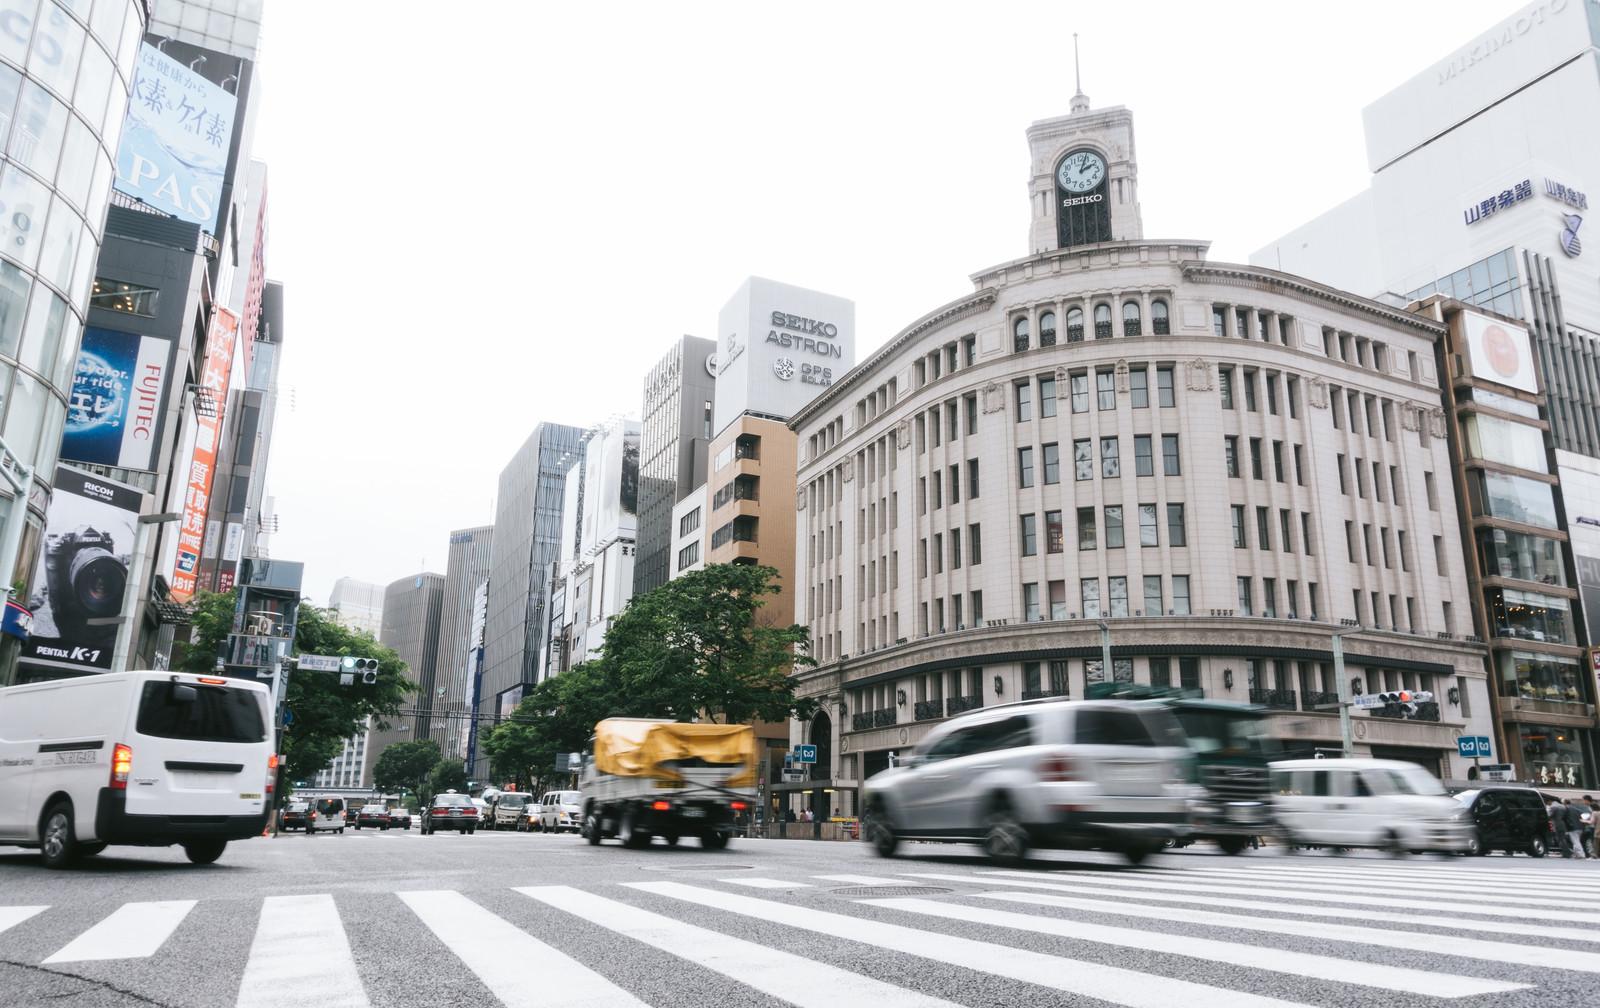 リッツカールトン東京でランチ!豪華なビュッフェで贅沢に過ごせると人気!